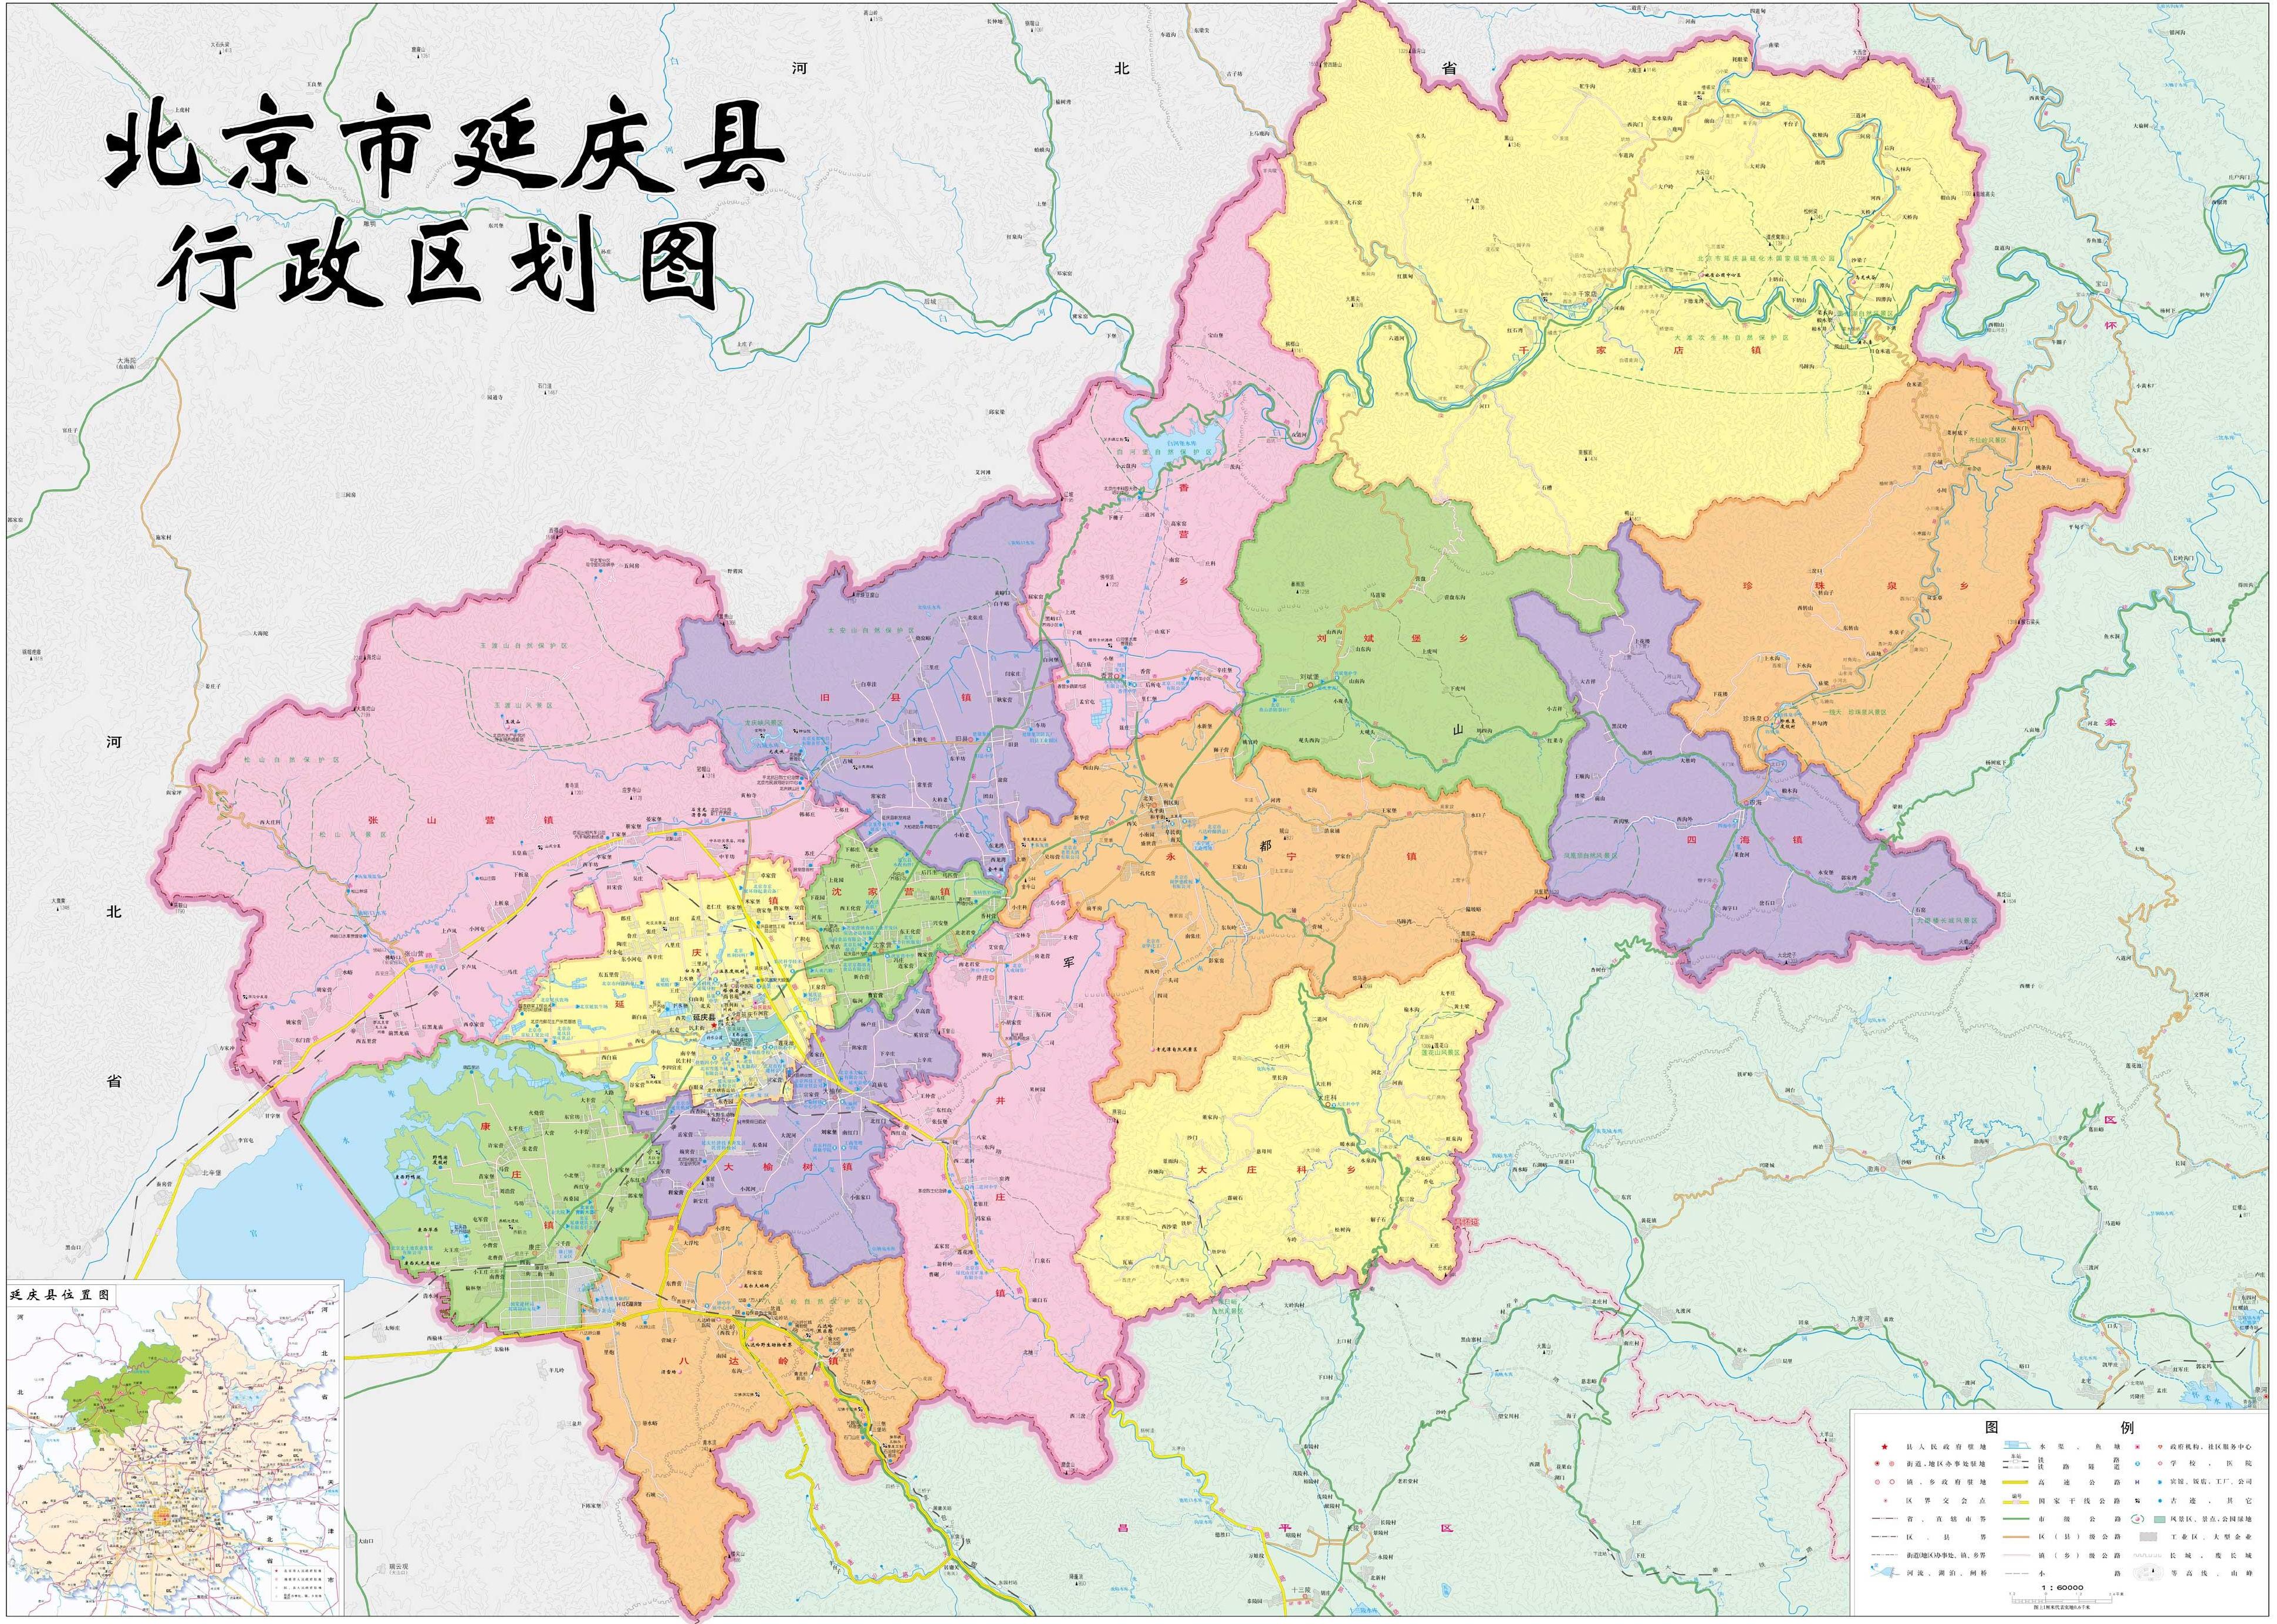 北京市延庆区行政区划图高清版